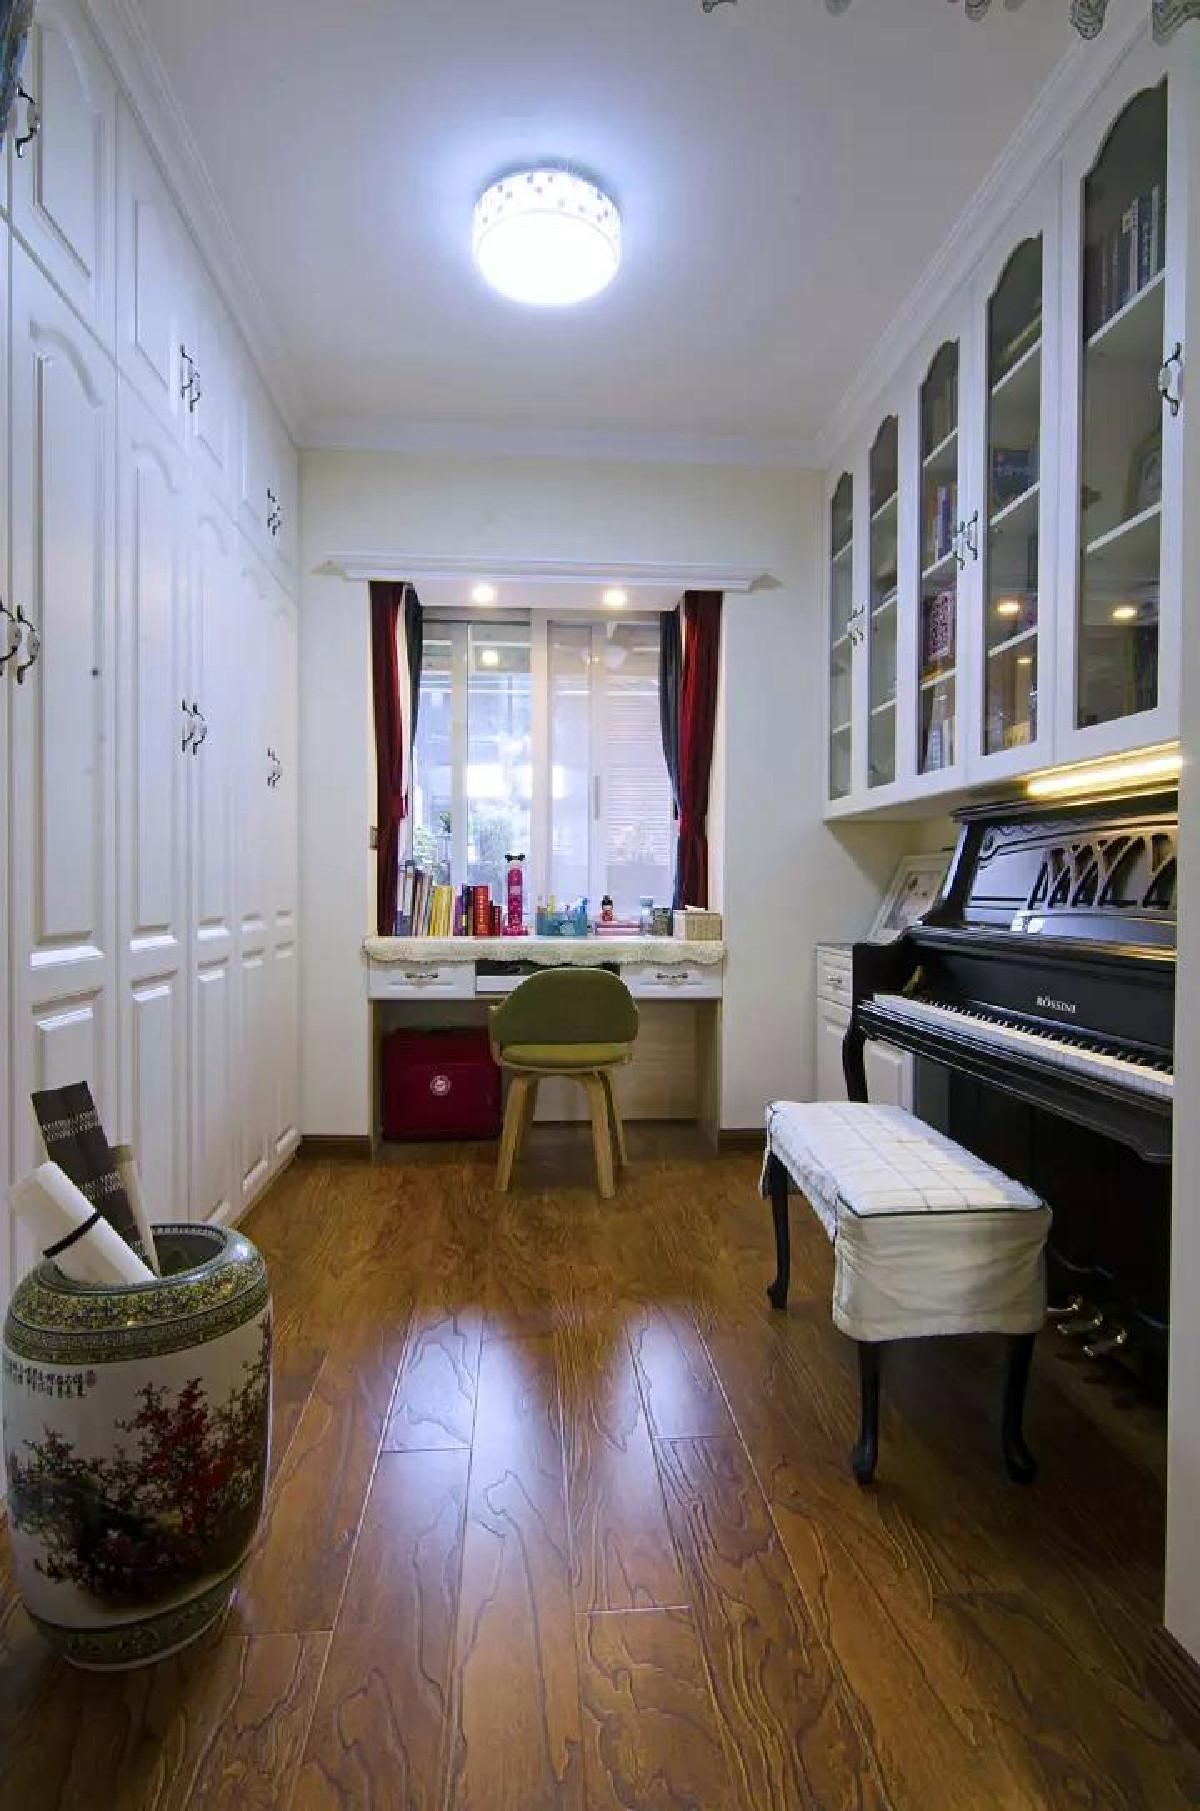 书房里还了一台钢琴,钢琴上方是玻璃门吊柜(用于存放书籍),后方则是大面积收纳柜(可以作为衣物或杂物收纳);同时靠窗装了个悬空书桌,让小书房的功能更加多样化